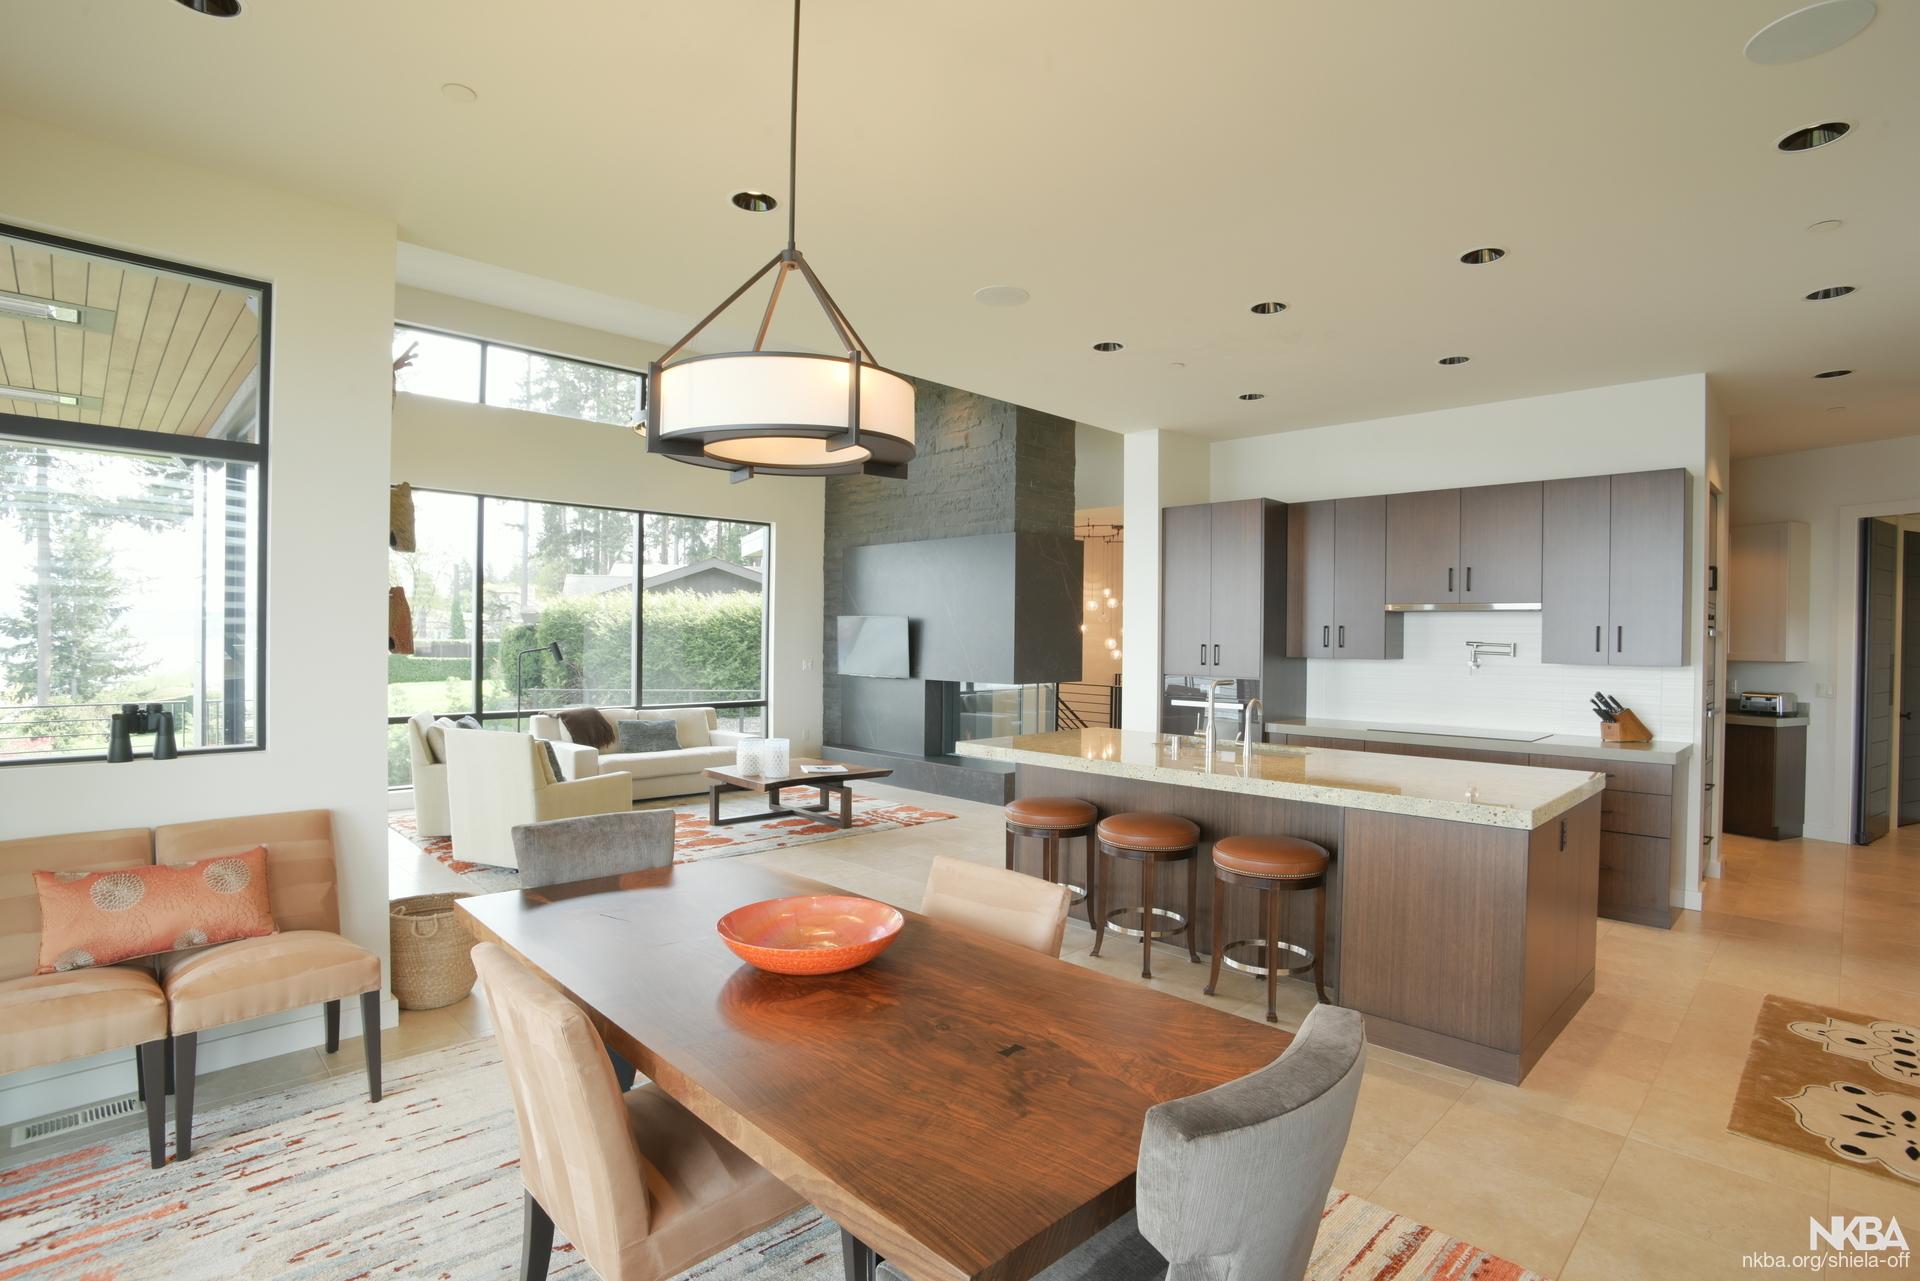 Contemporary Open Concept Kitchen - NKBA